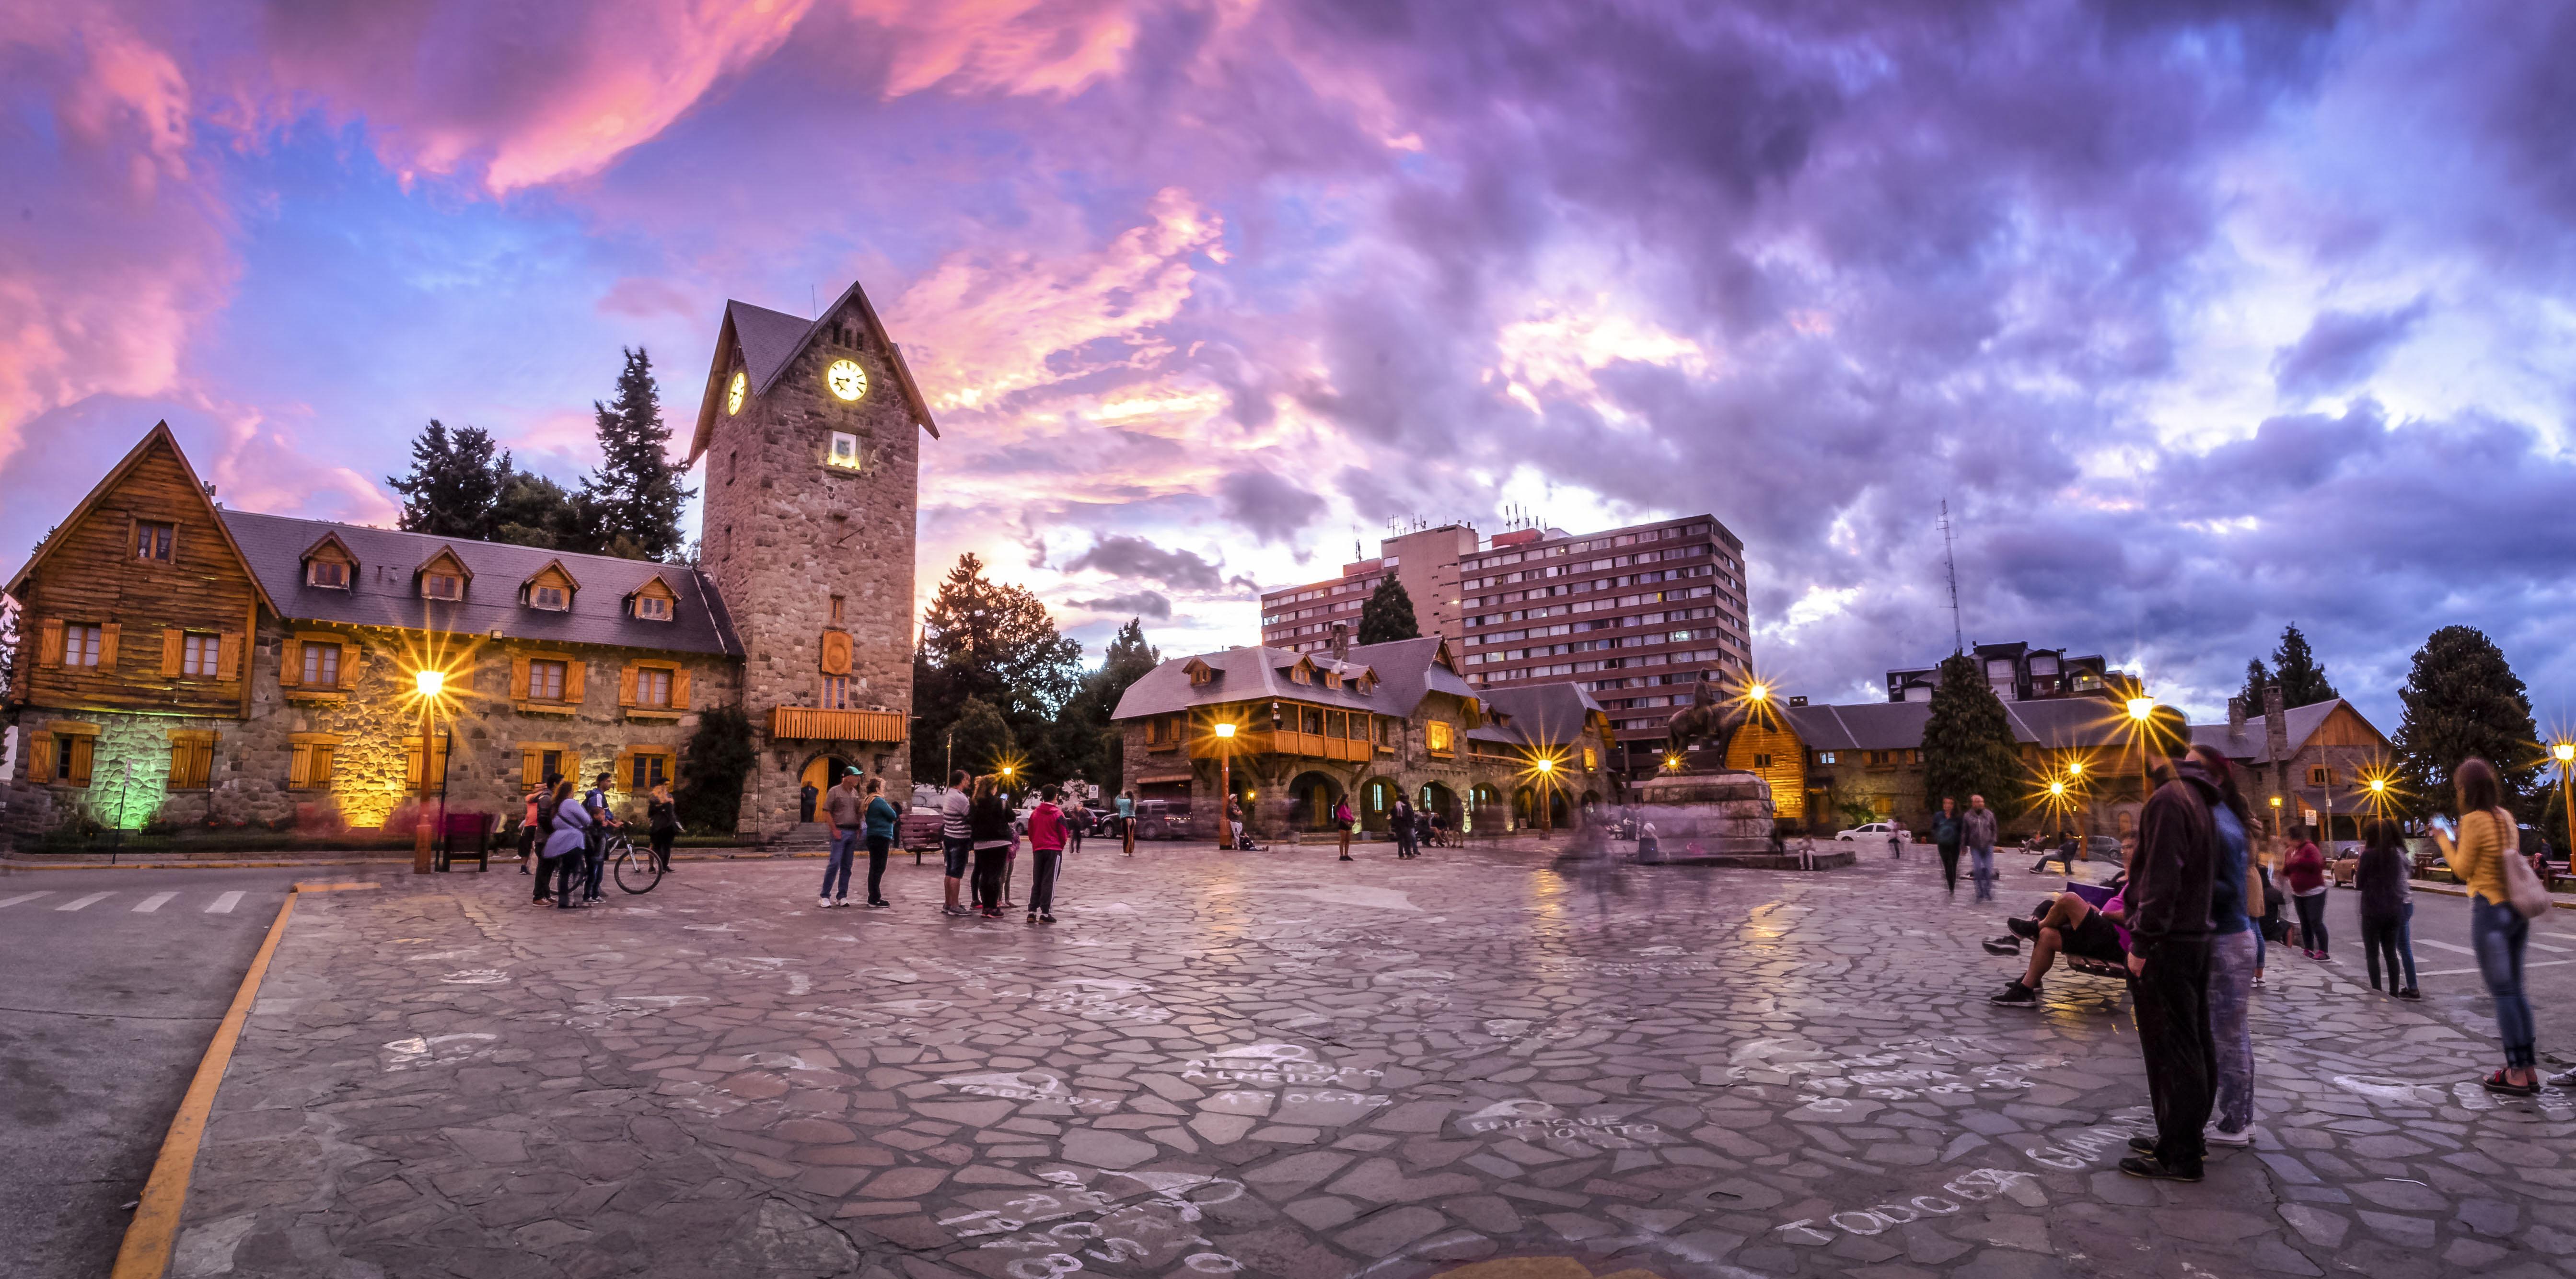 Proyectos para reactivar el turismo: puntos claves